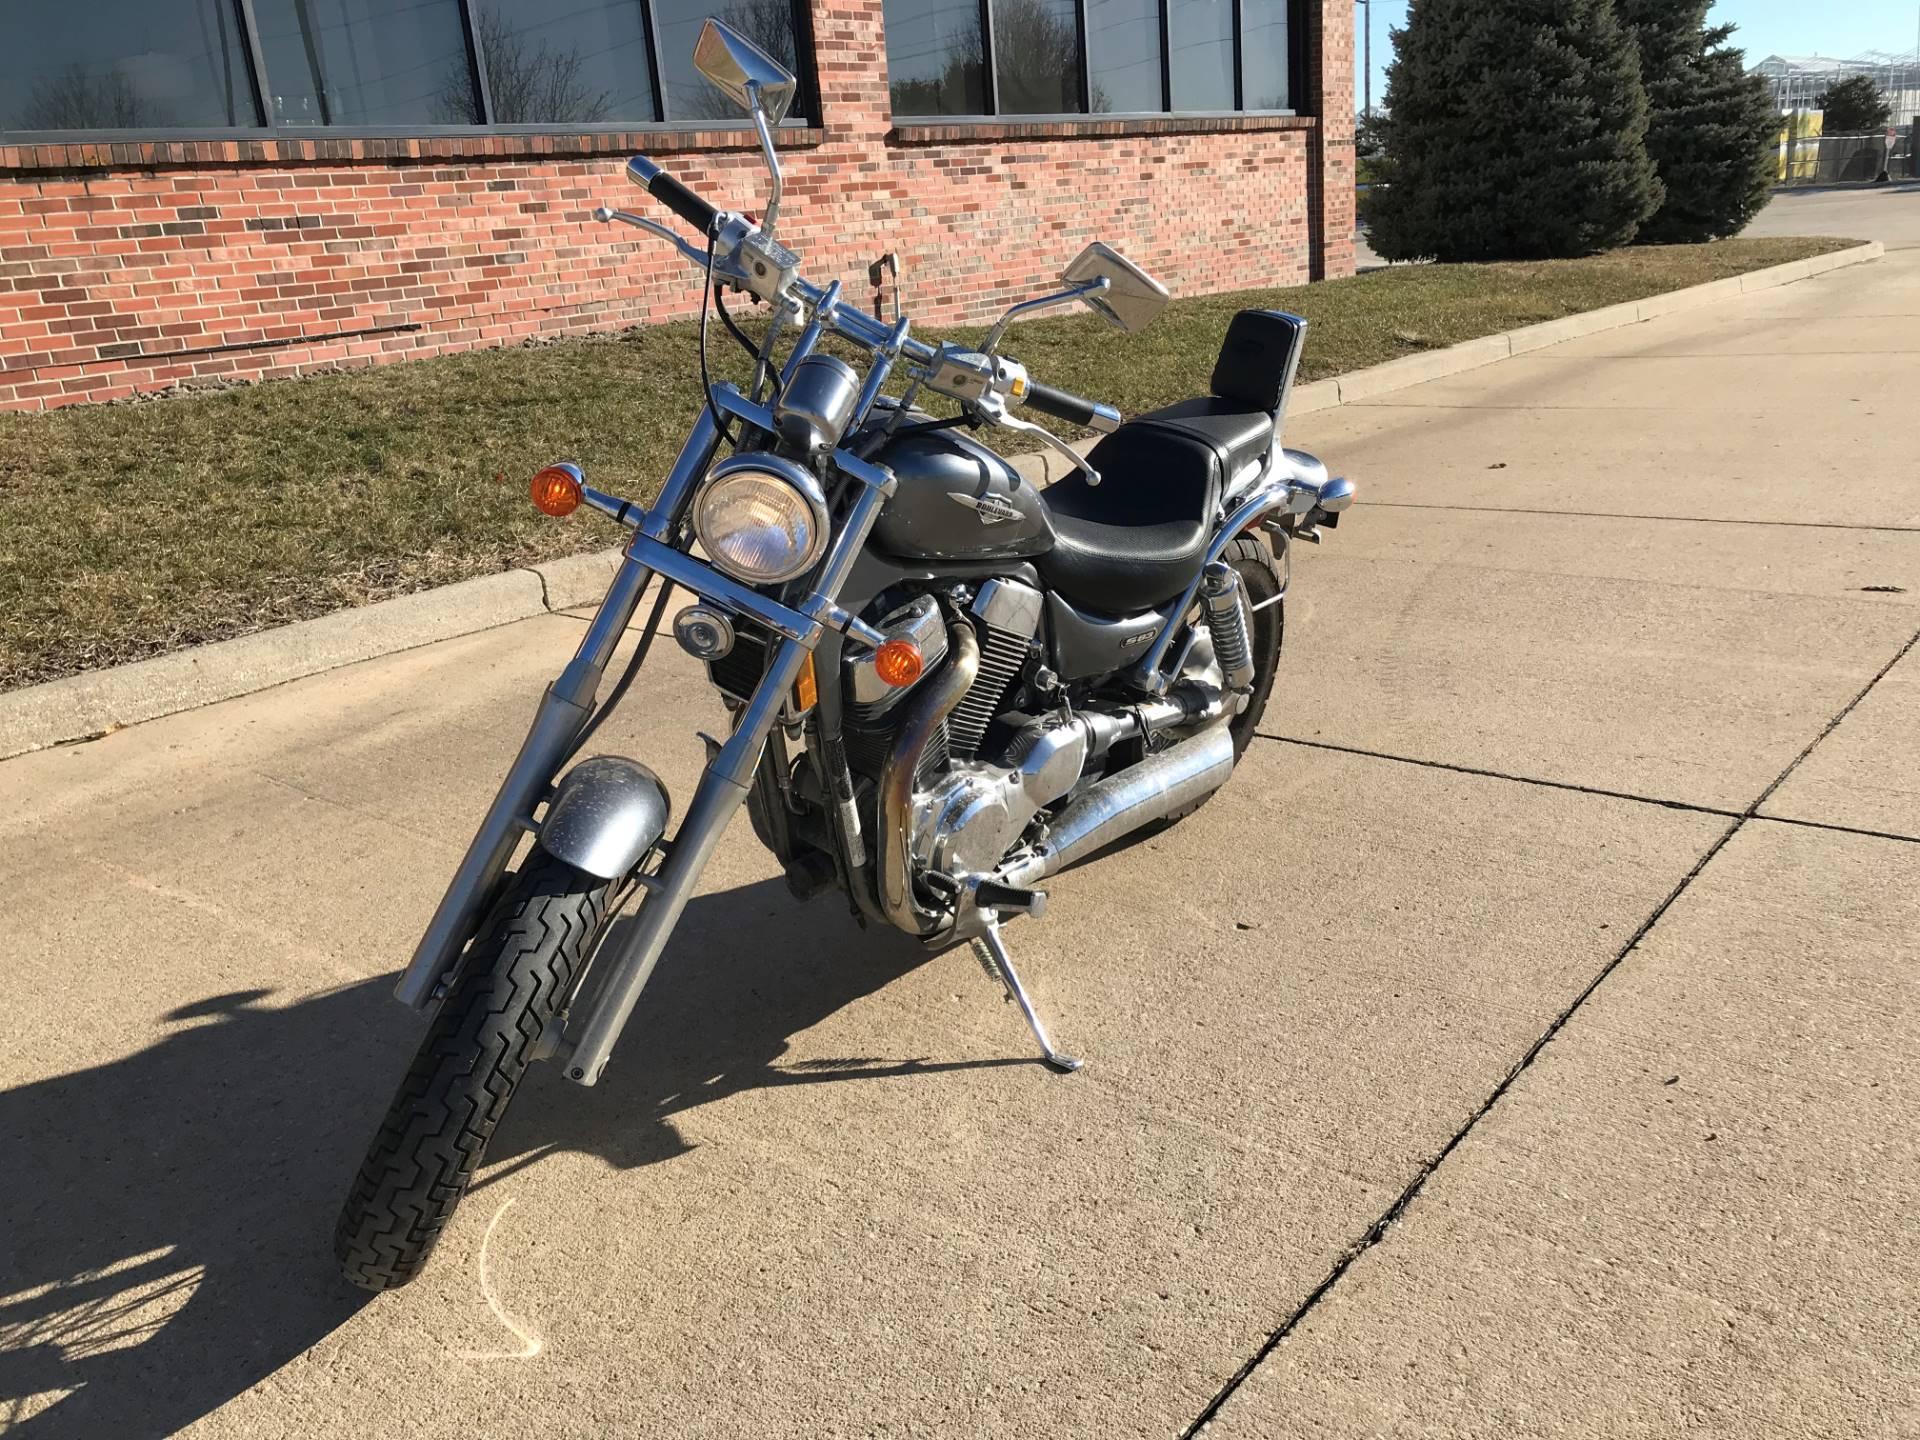 2005 Suzuki Boulevard S83 in Grimes, Iowa